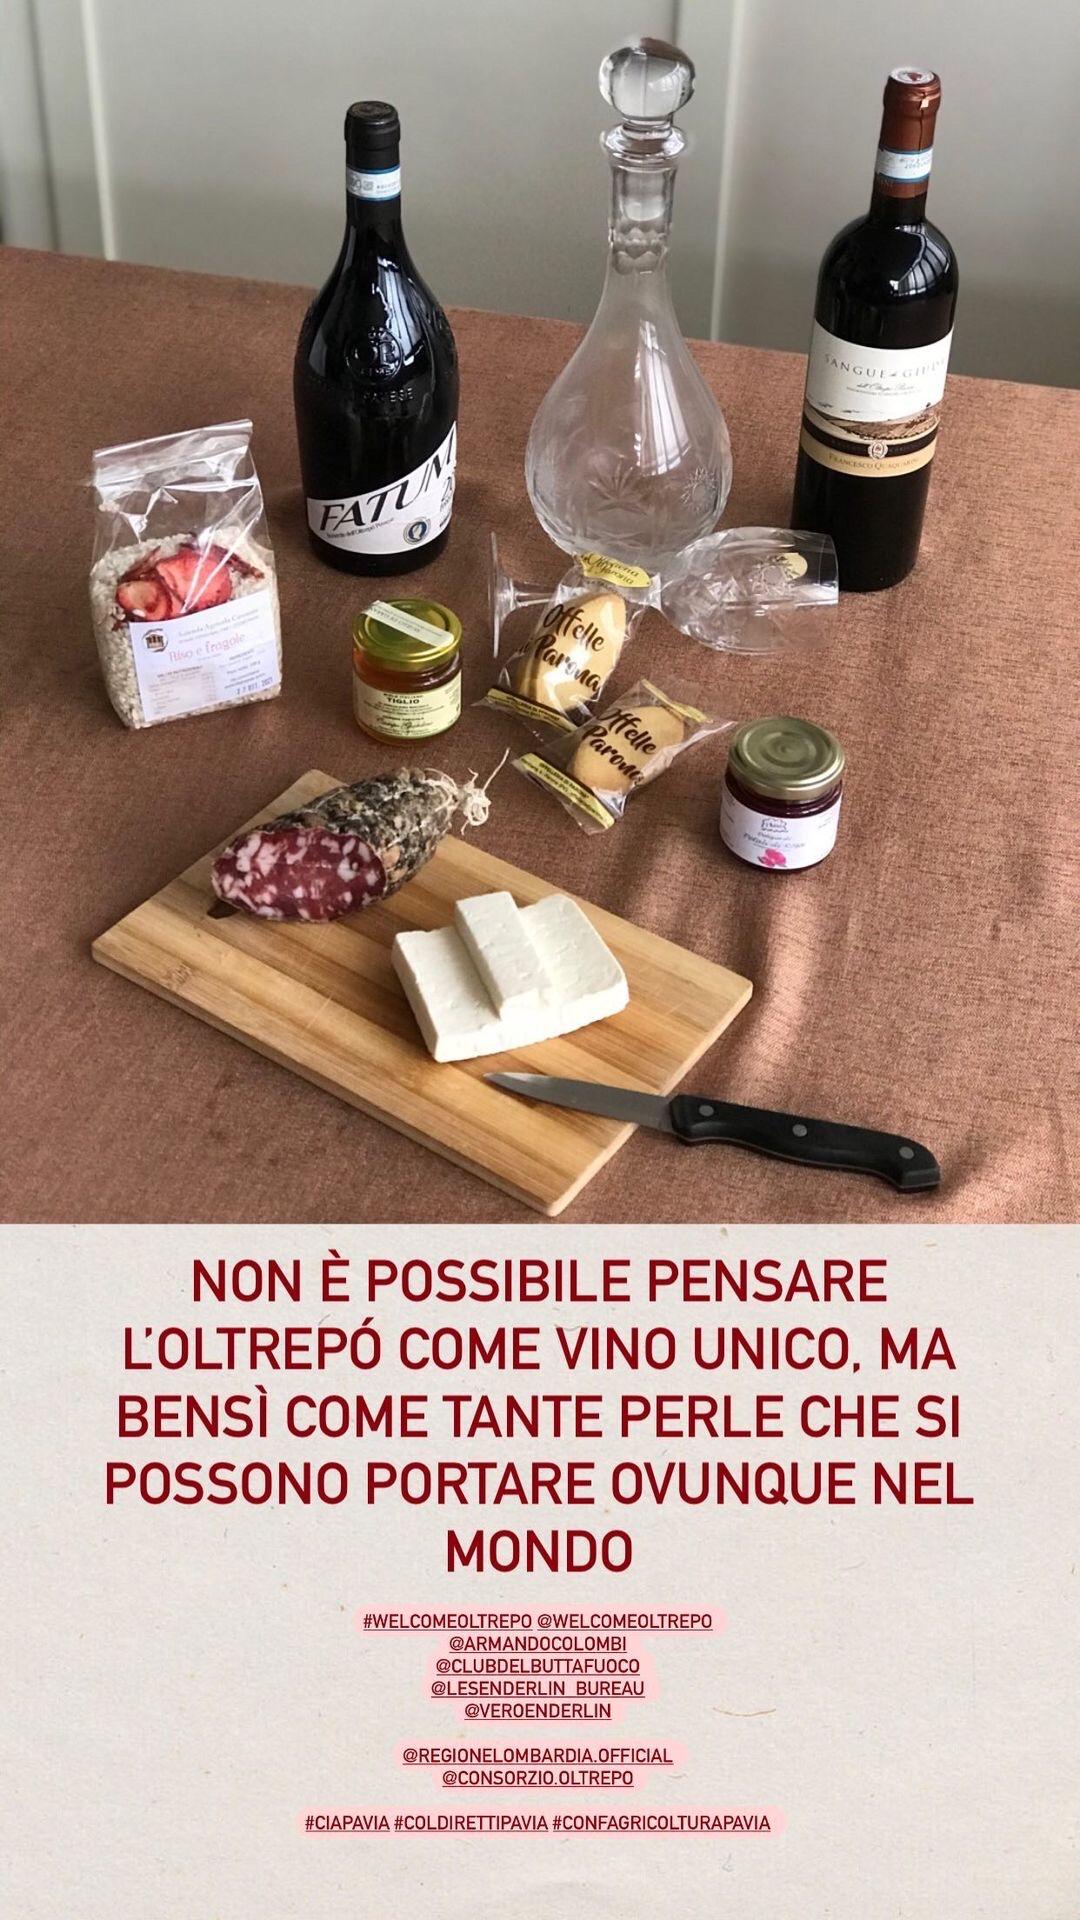 Oltrepò Food & Wine: gustare e scoprire l'Oltrepò in tutta cordialità e sicurezza grazie alle degustazioni online #WelcomeOltrepo